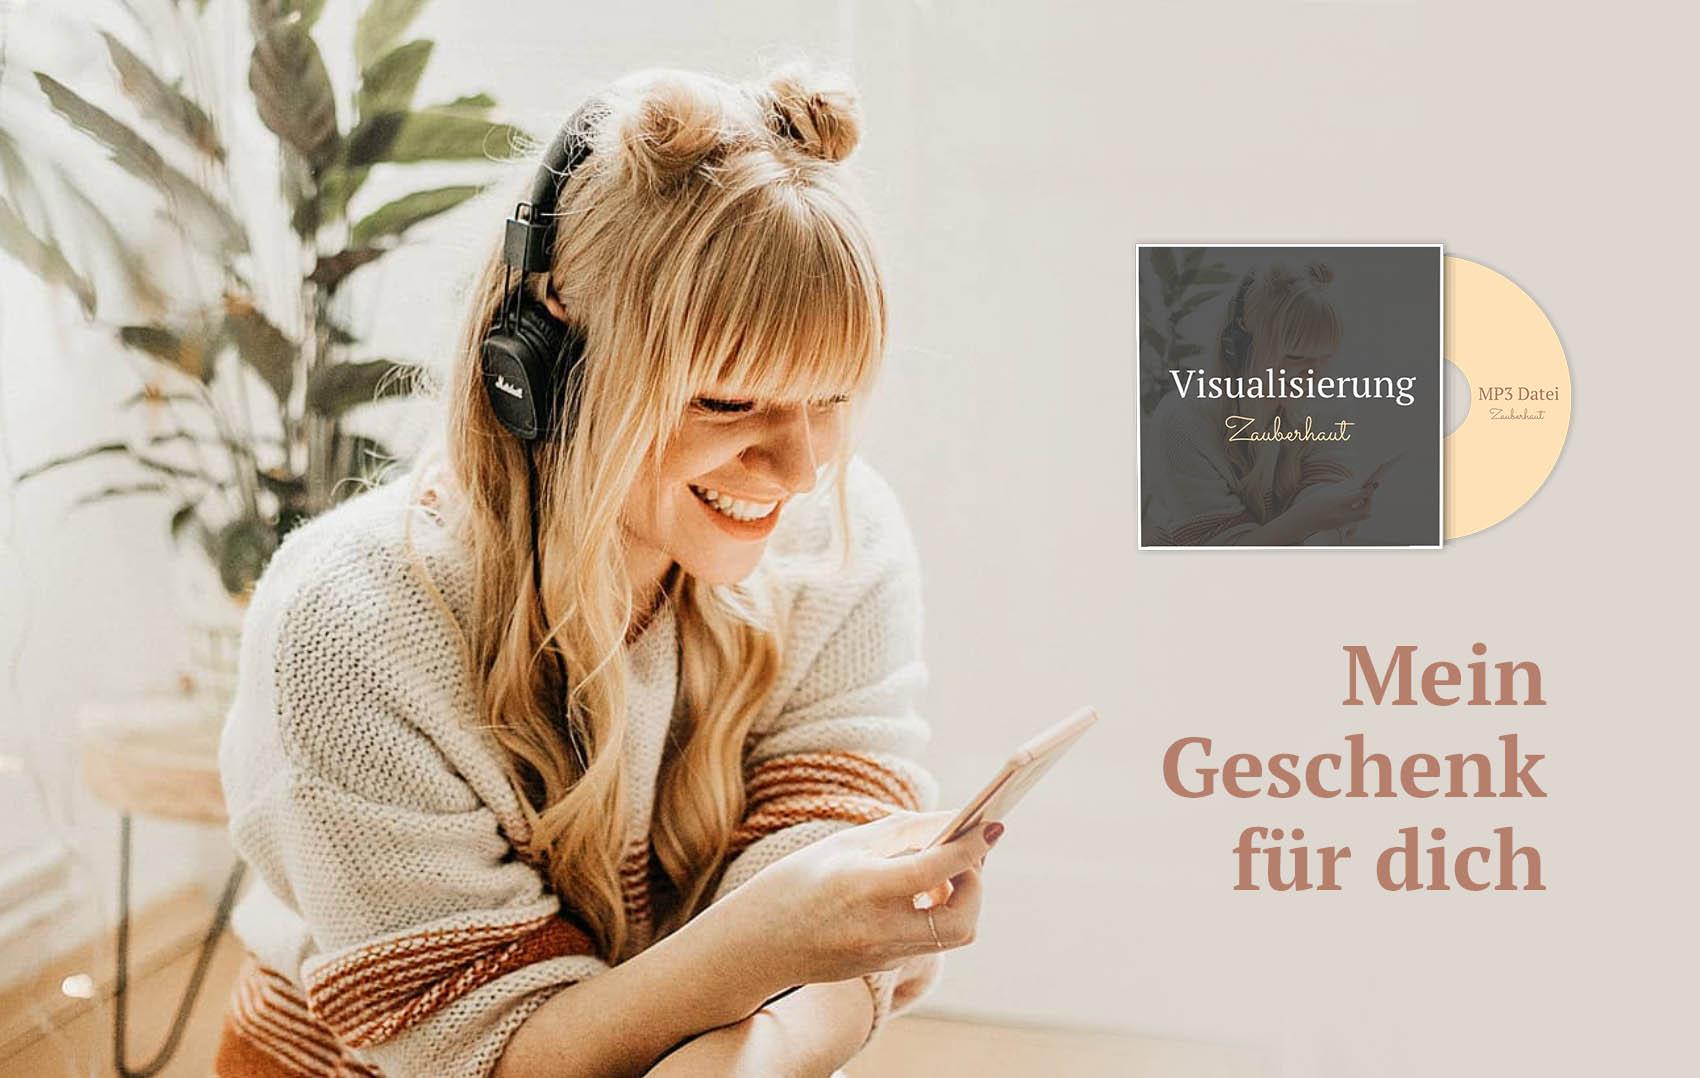 zh_dein_geschenk_visualisierung